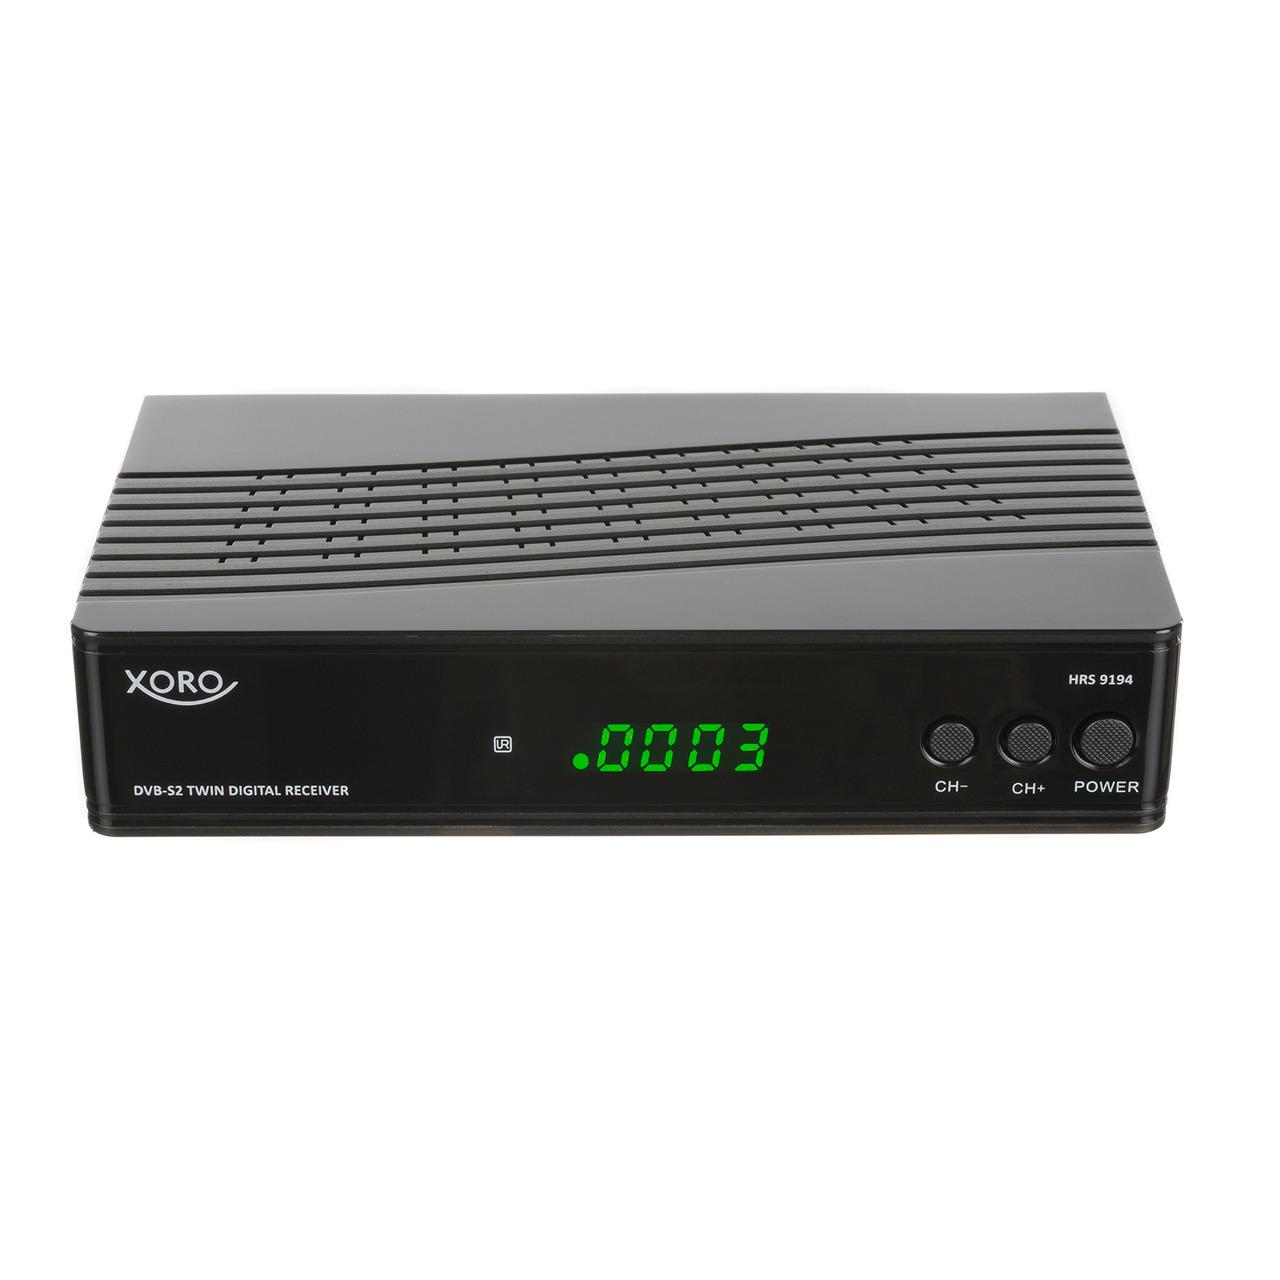 Xoro TWIN-Satelliten-Receiver HRS 9194- mit USB-Aufnahmefunktion und Timeshift- 1080p